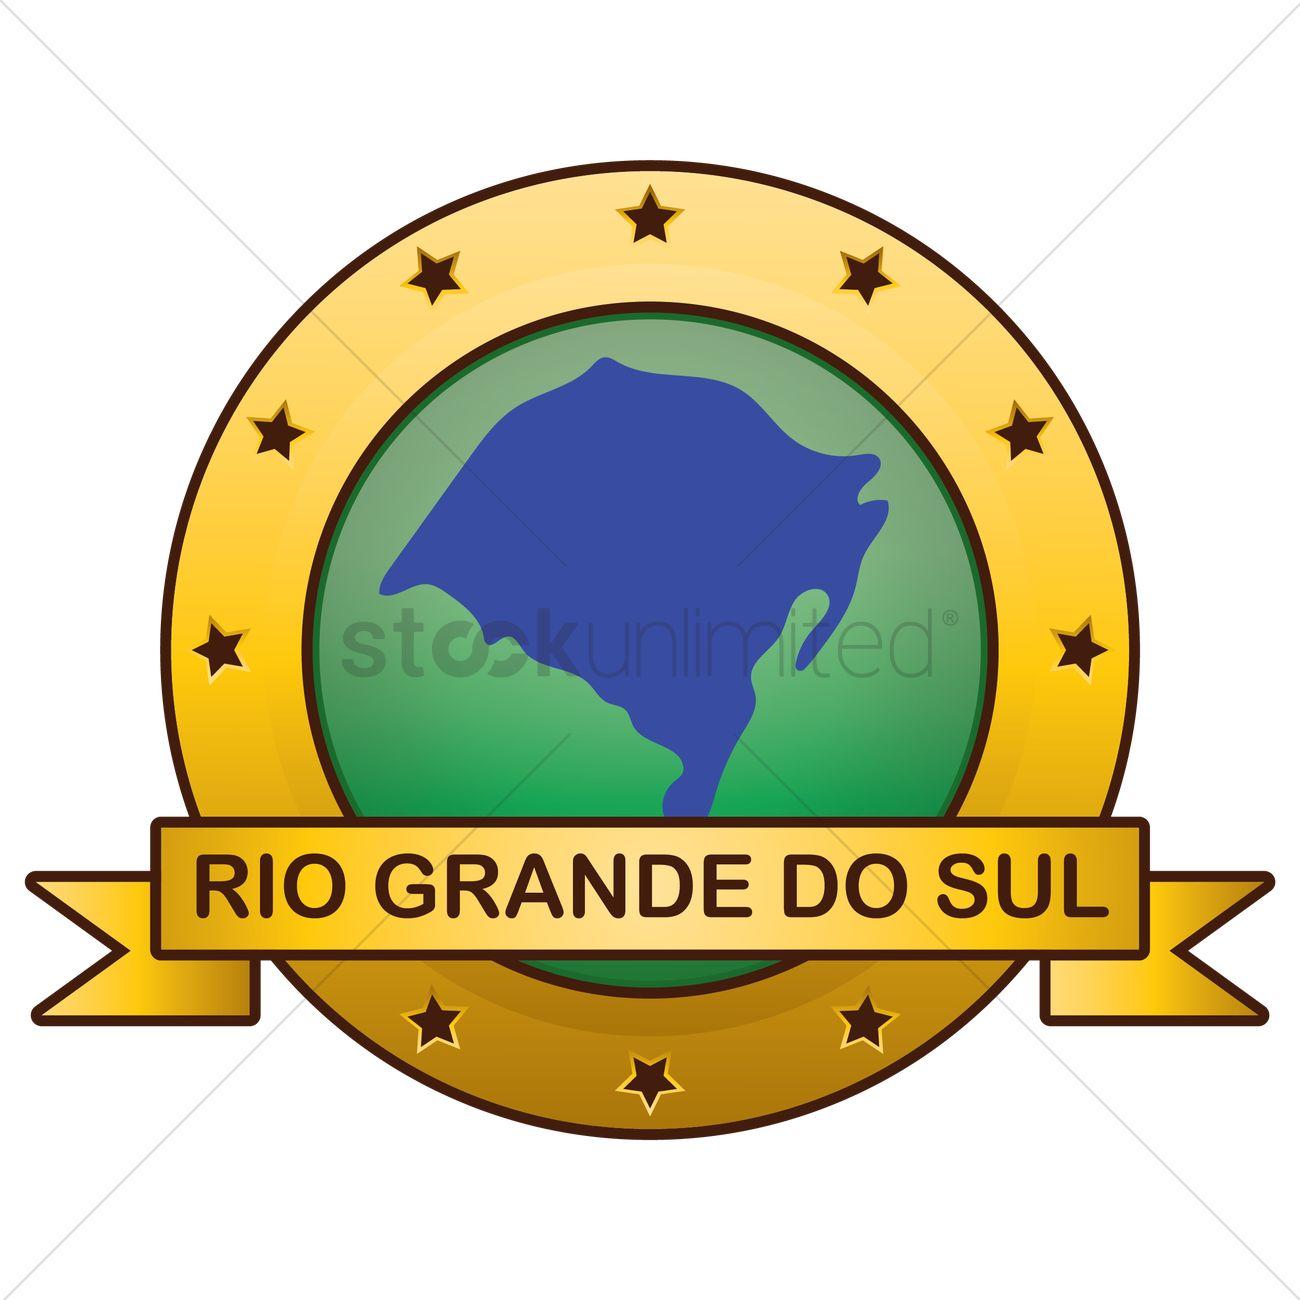 Rio grande do sul state map Vector Image.